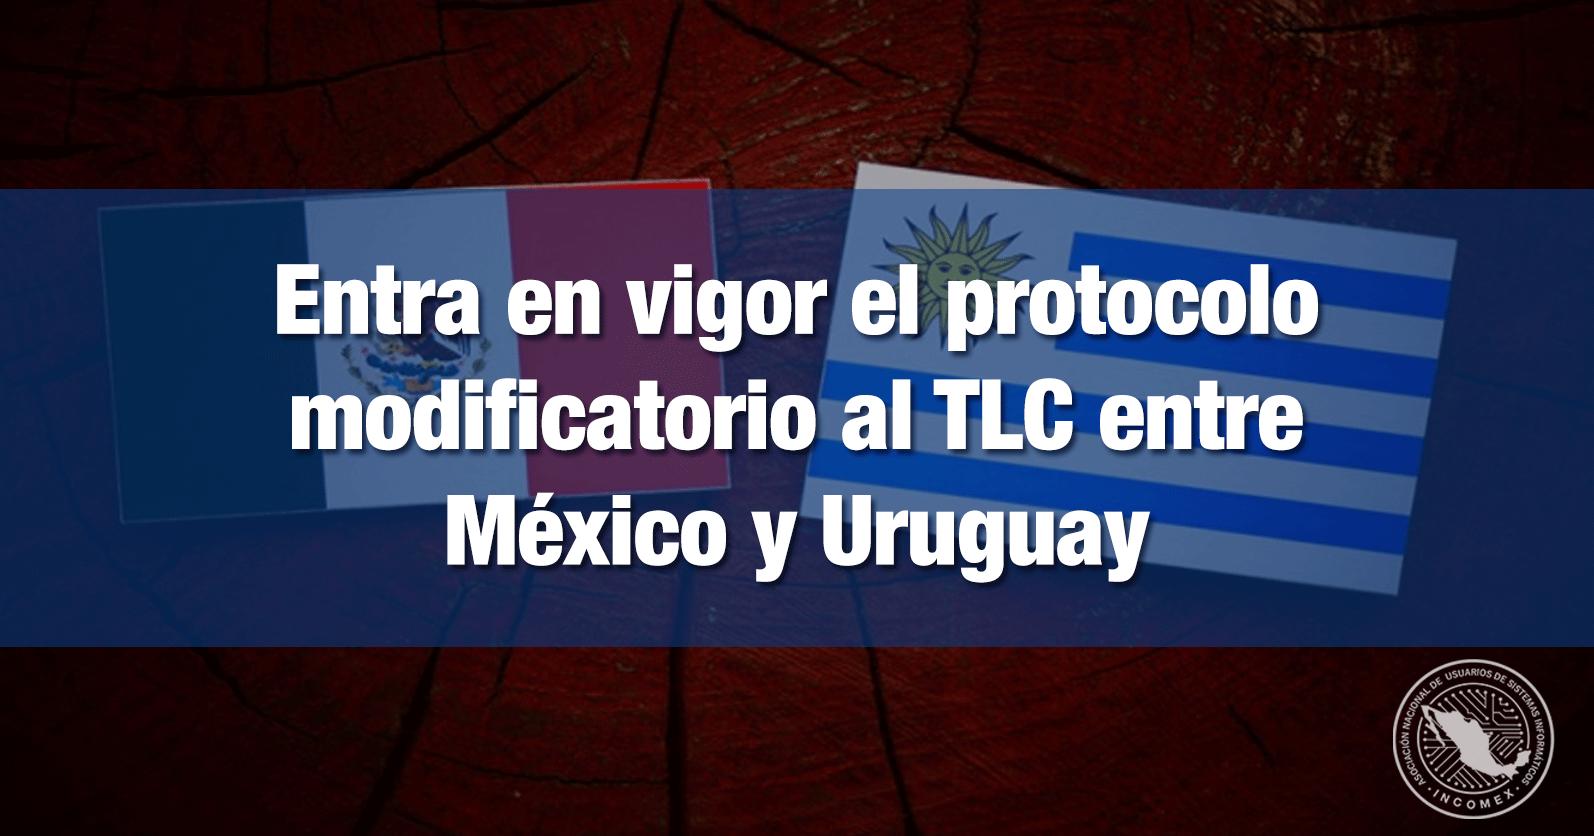 Entra en vigor el protocolo modificatorio al TLC entre México y Uruguay